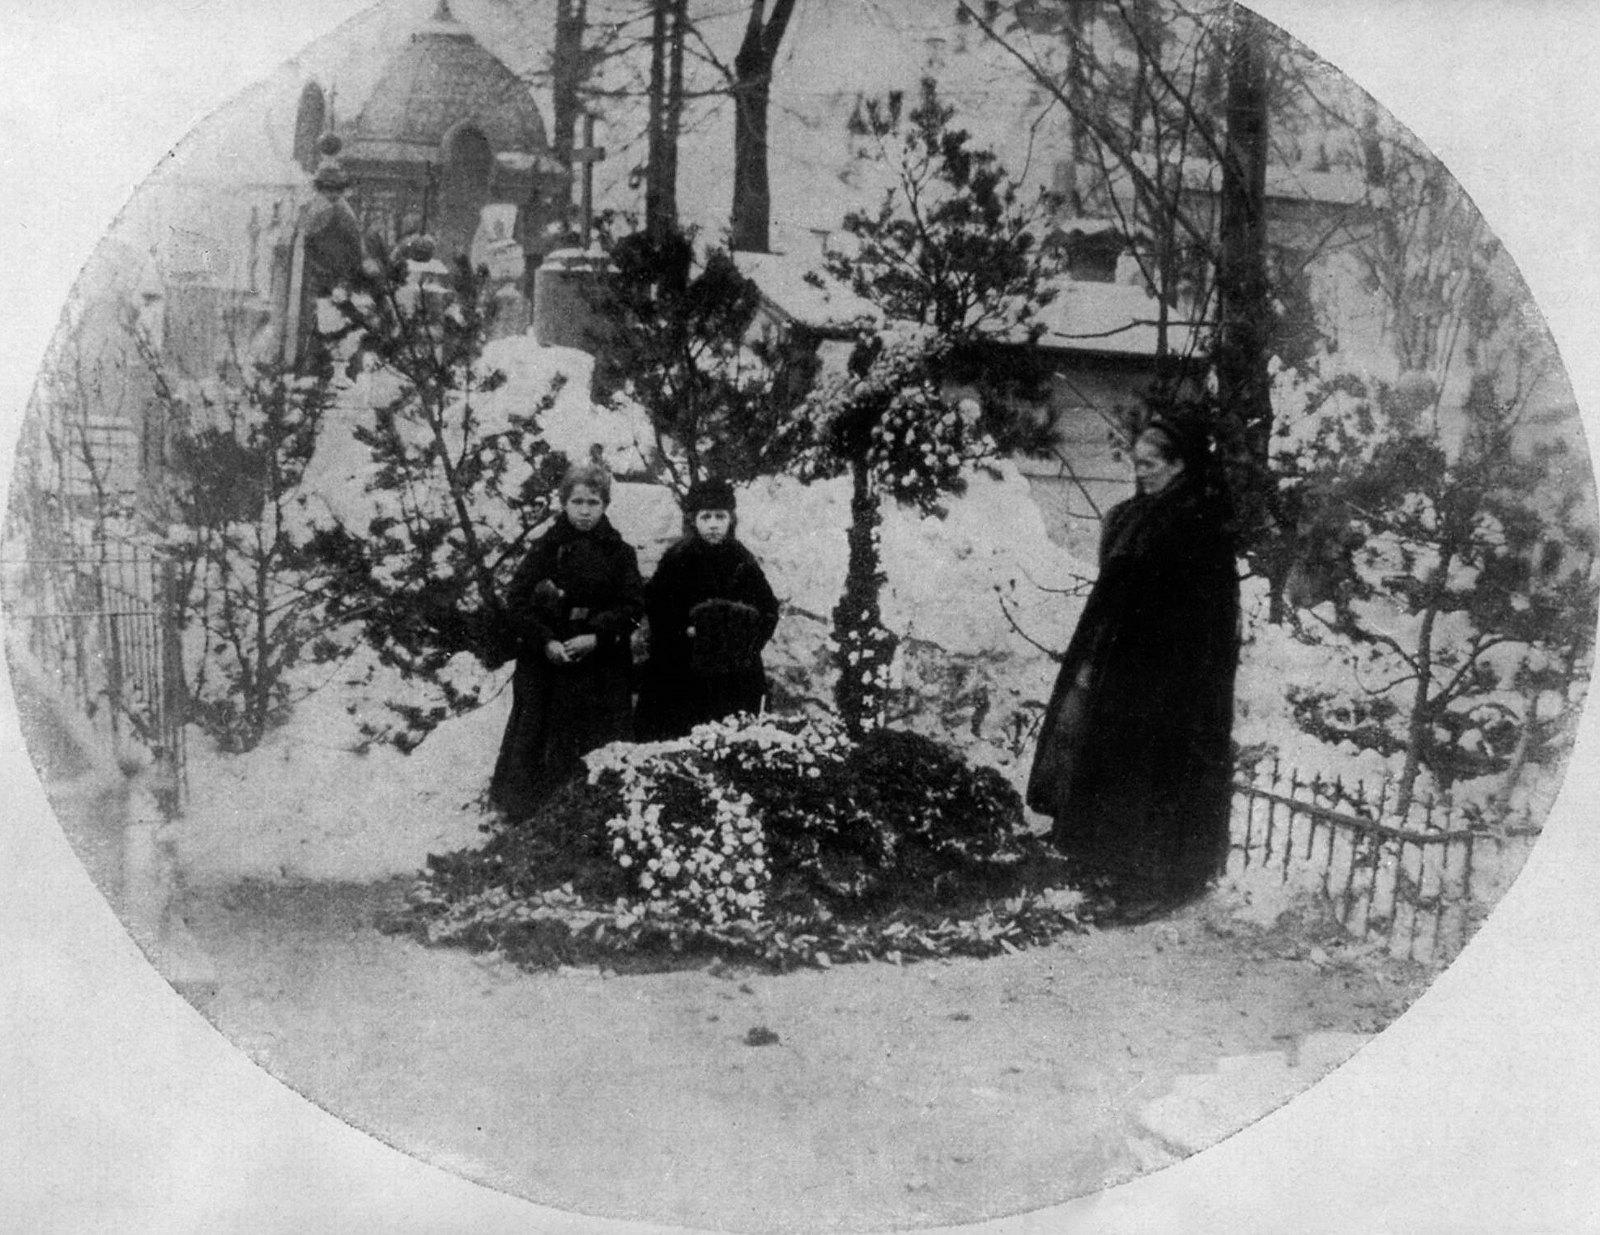 У могилы Ф. М. Достоевского. Анна Григорьевна Достоевская с детьми на могиле. 1881